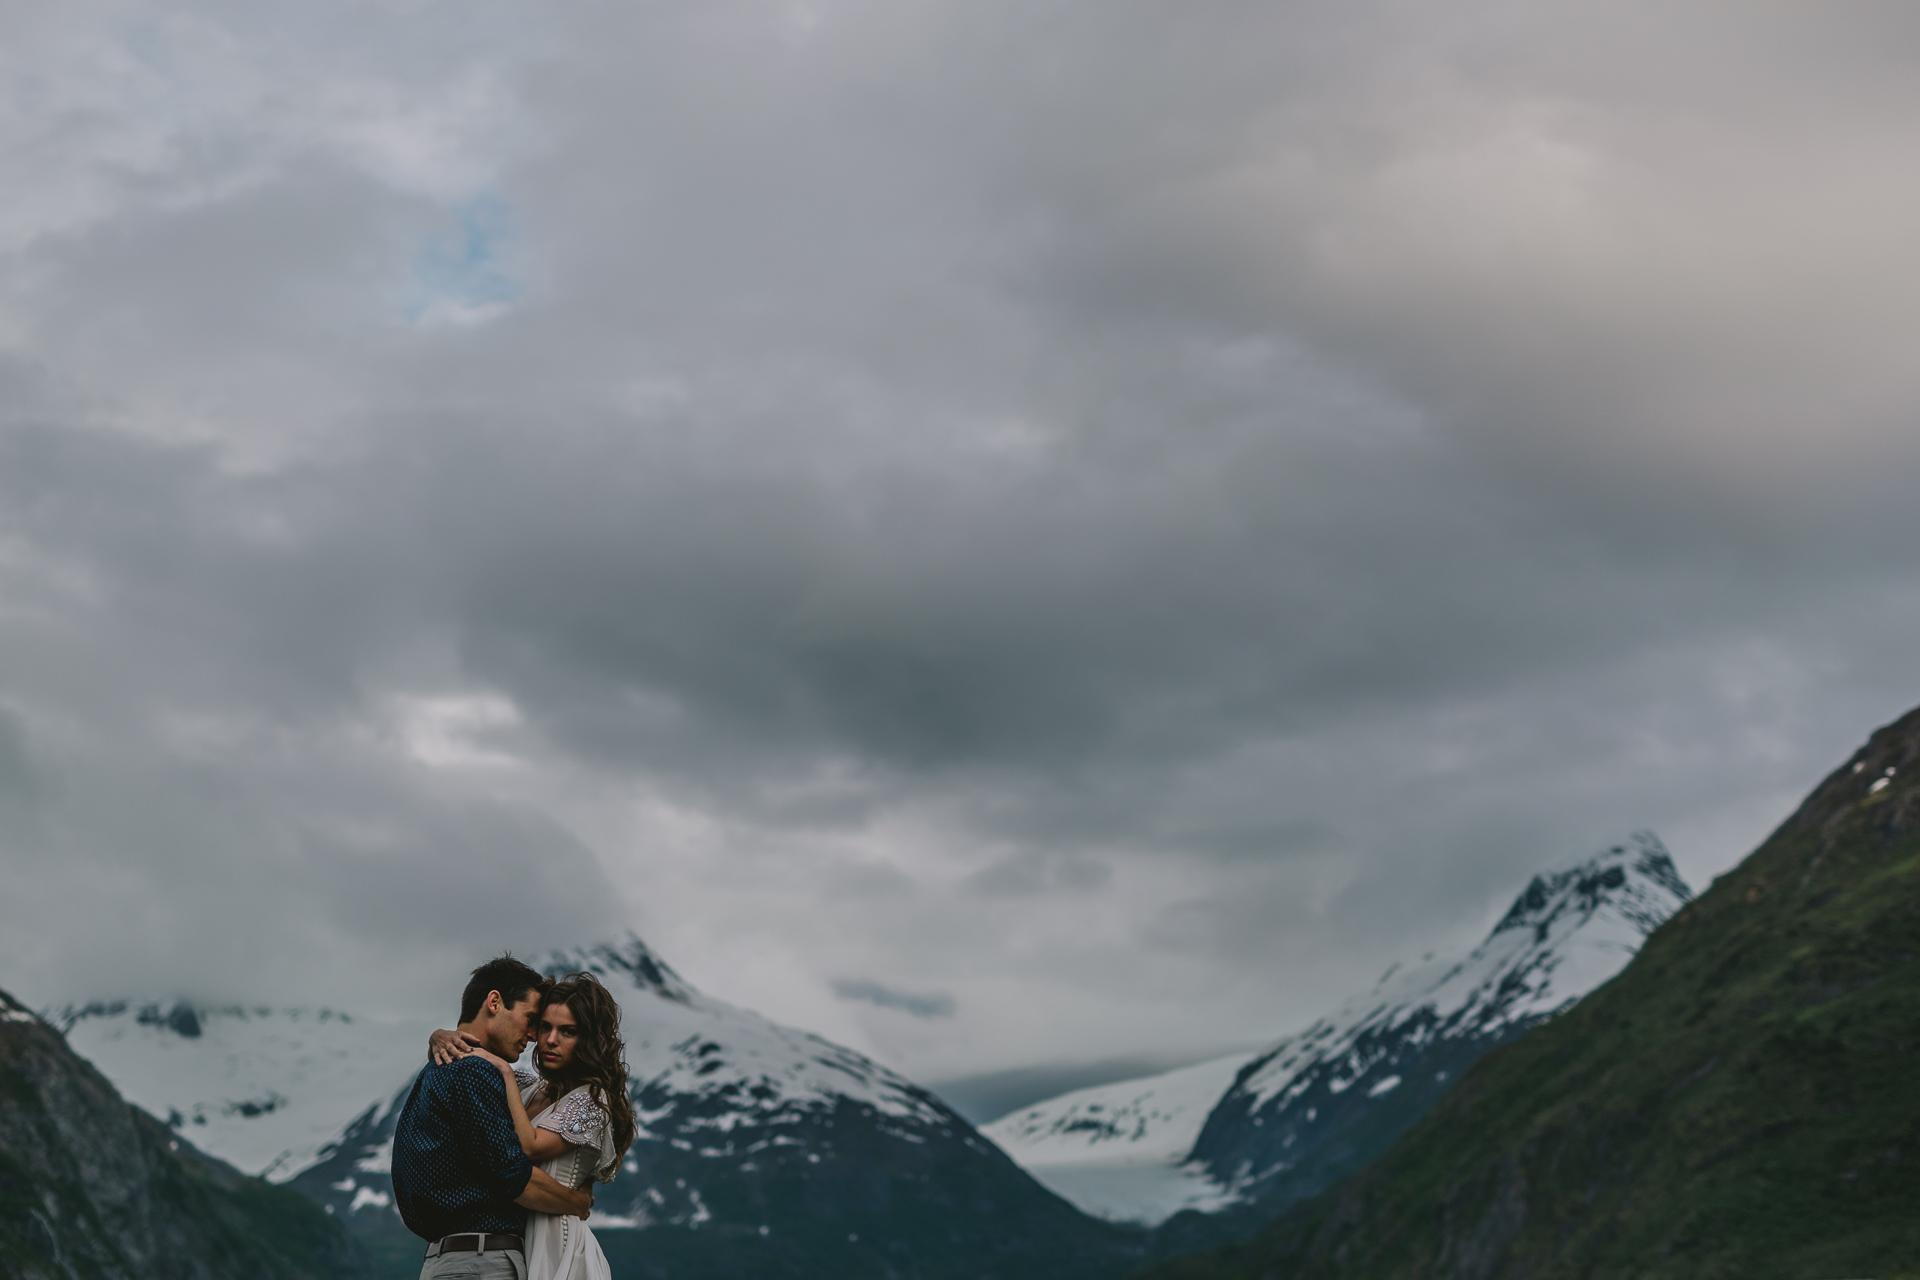 jess-hunter-photographer-alaska-destination-elopement-5932.jpg